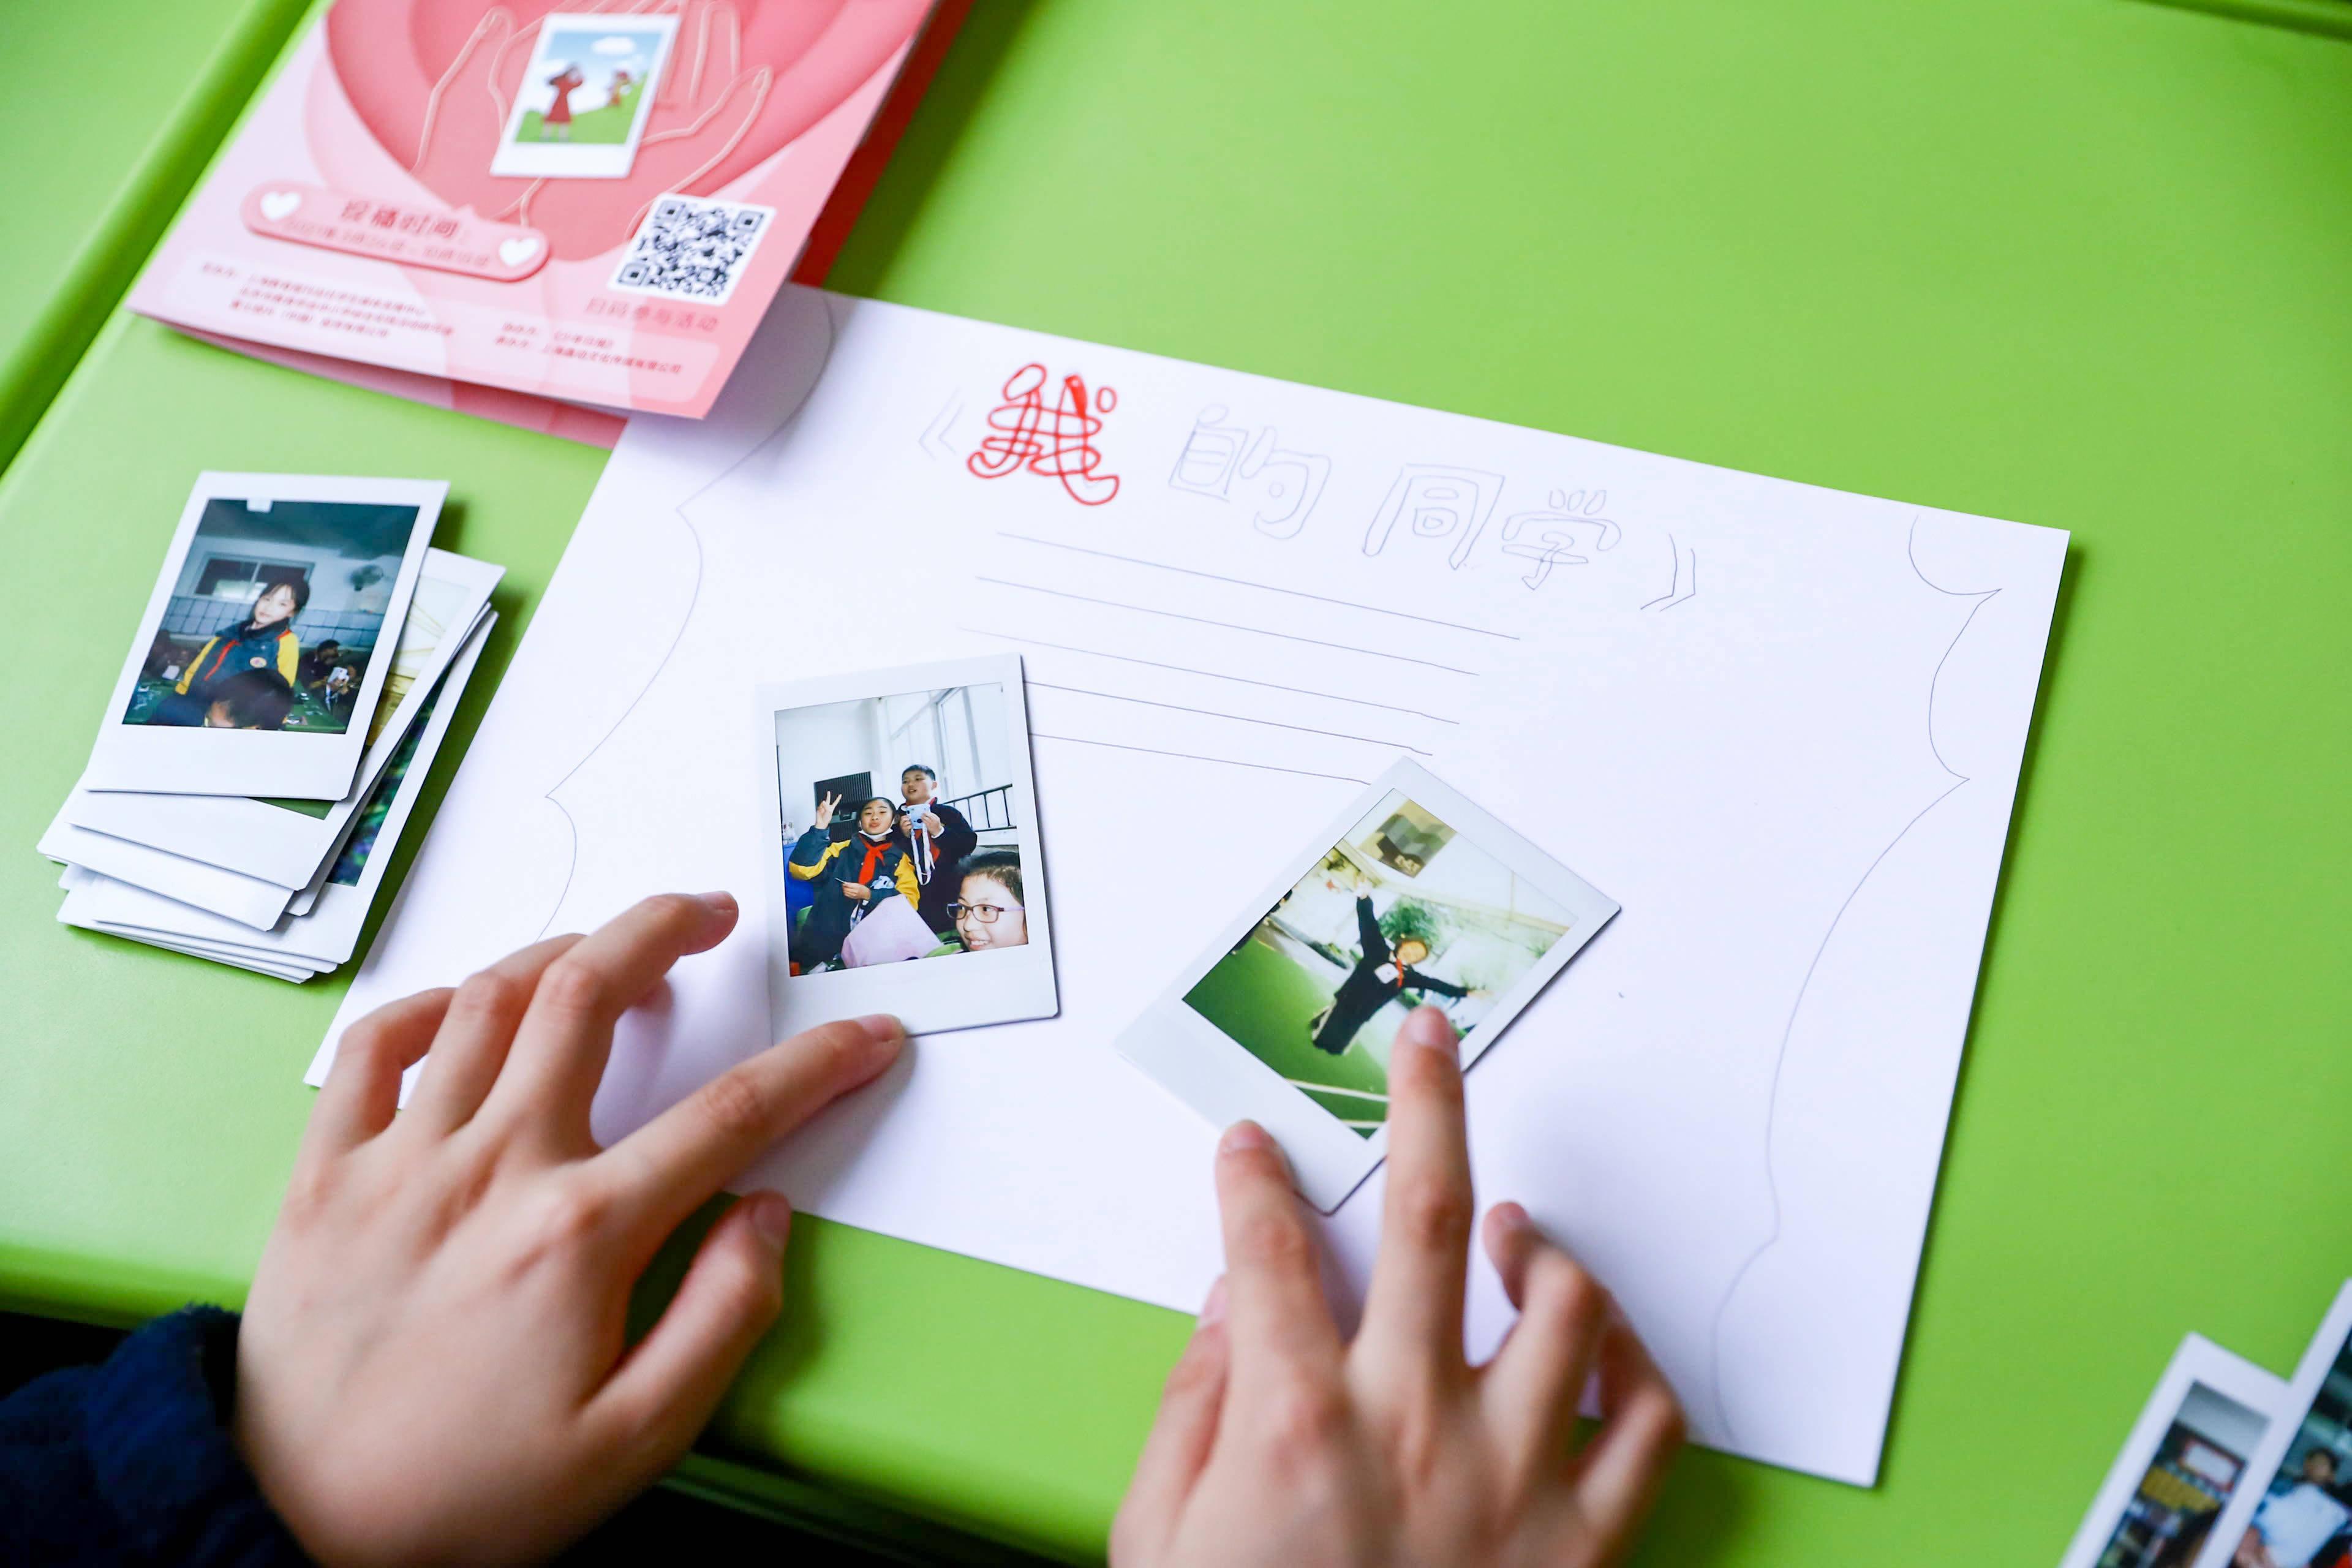 深化校企合作_见证美育创新_富士instax教育积极推进摄影艺术启蒙